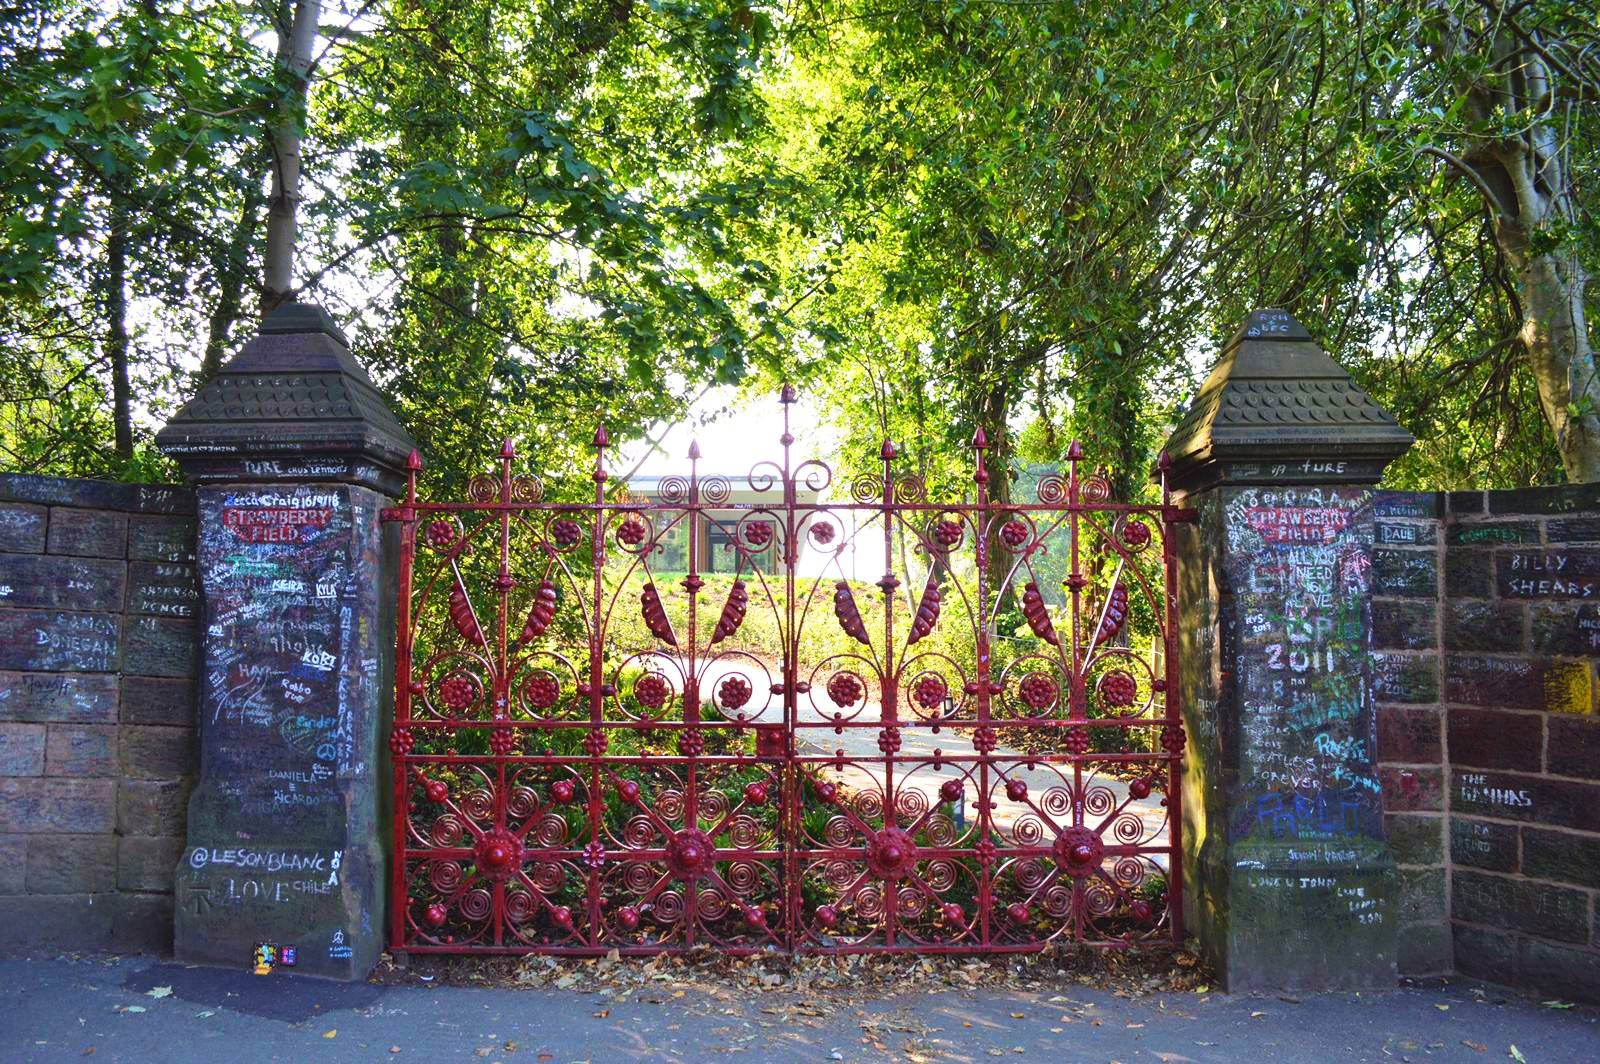 Strawberry Fields, o jardim secreto de John Lennon, é aberto aos fãs - Notícias - Plantão Diário